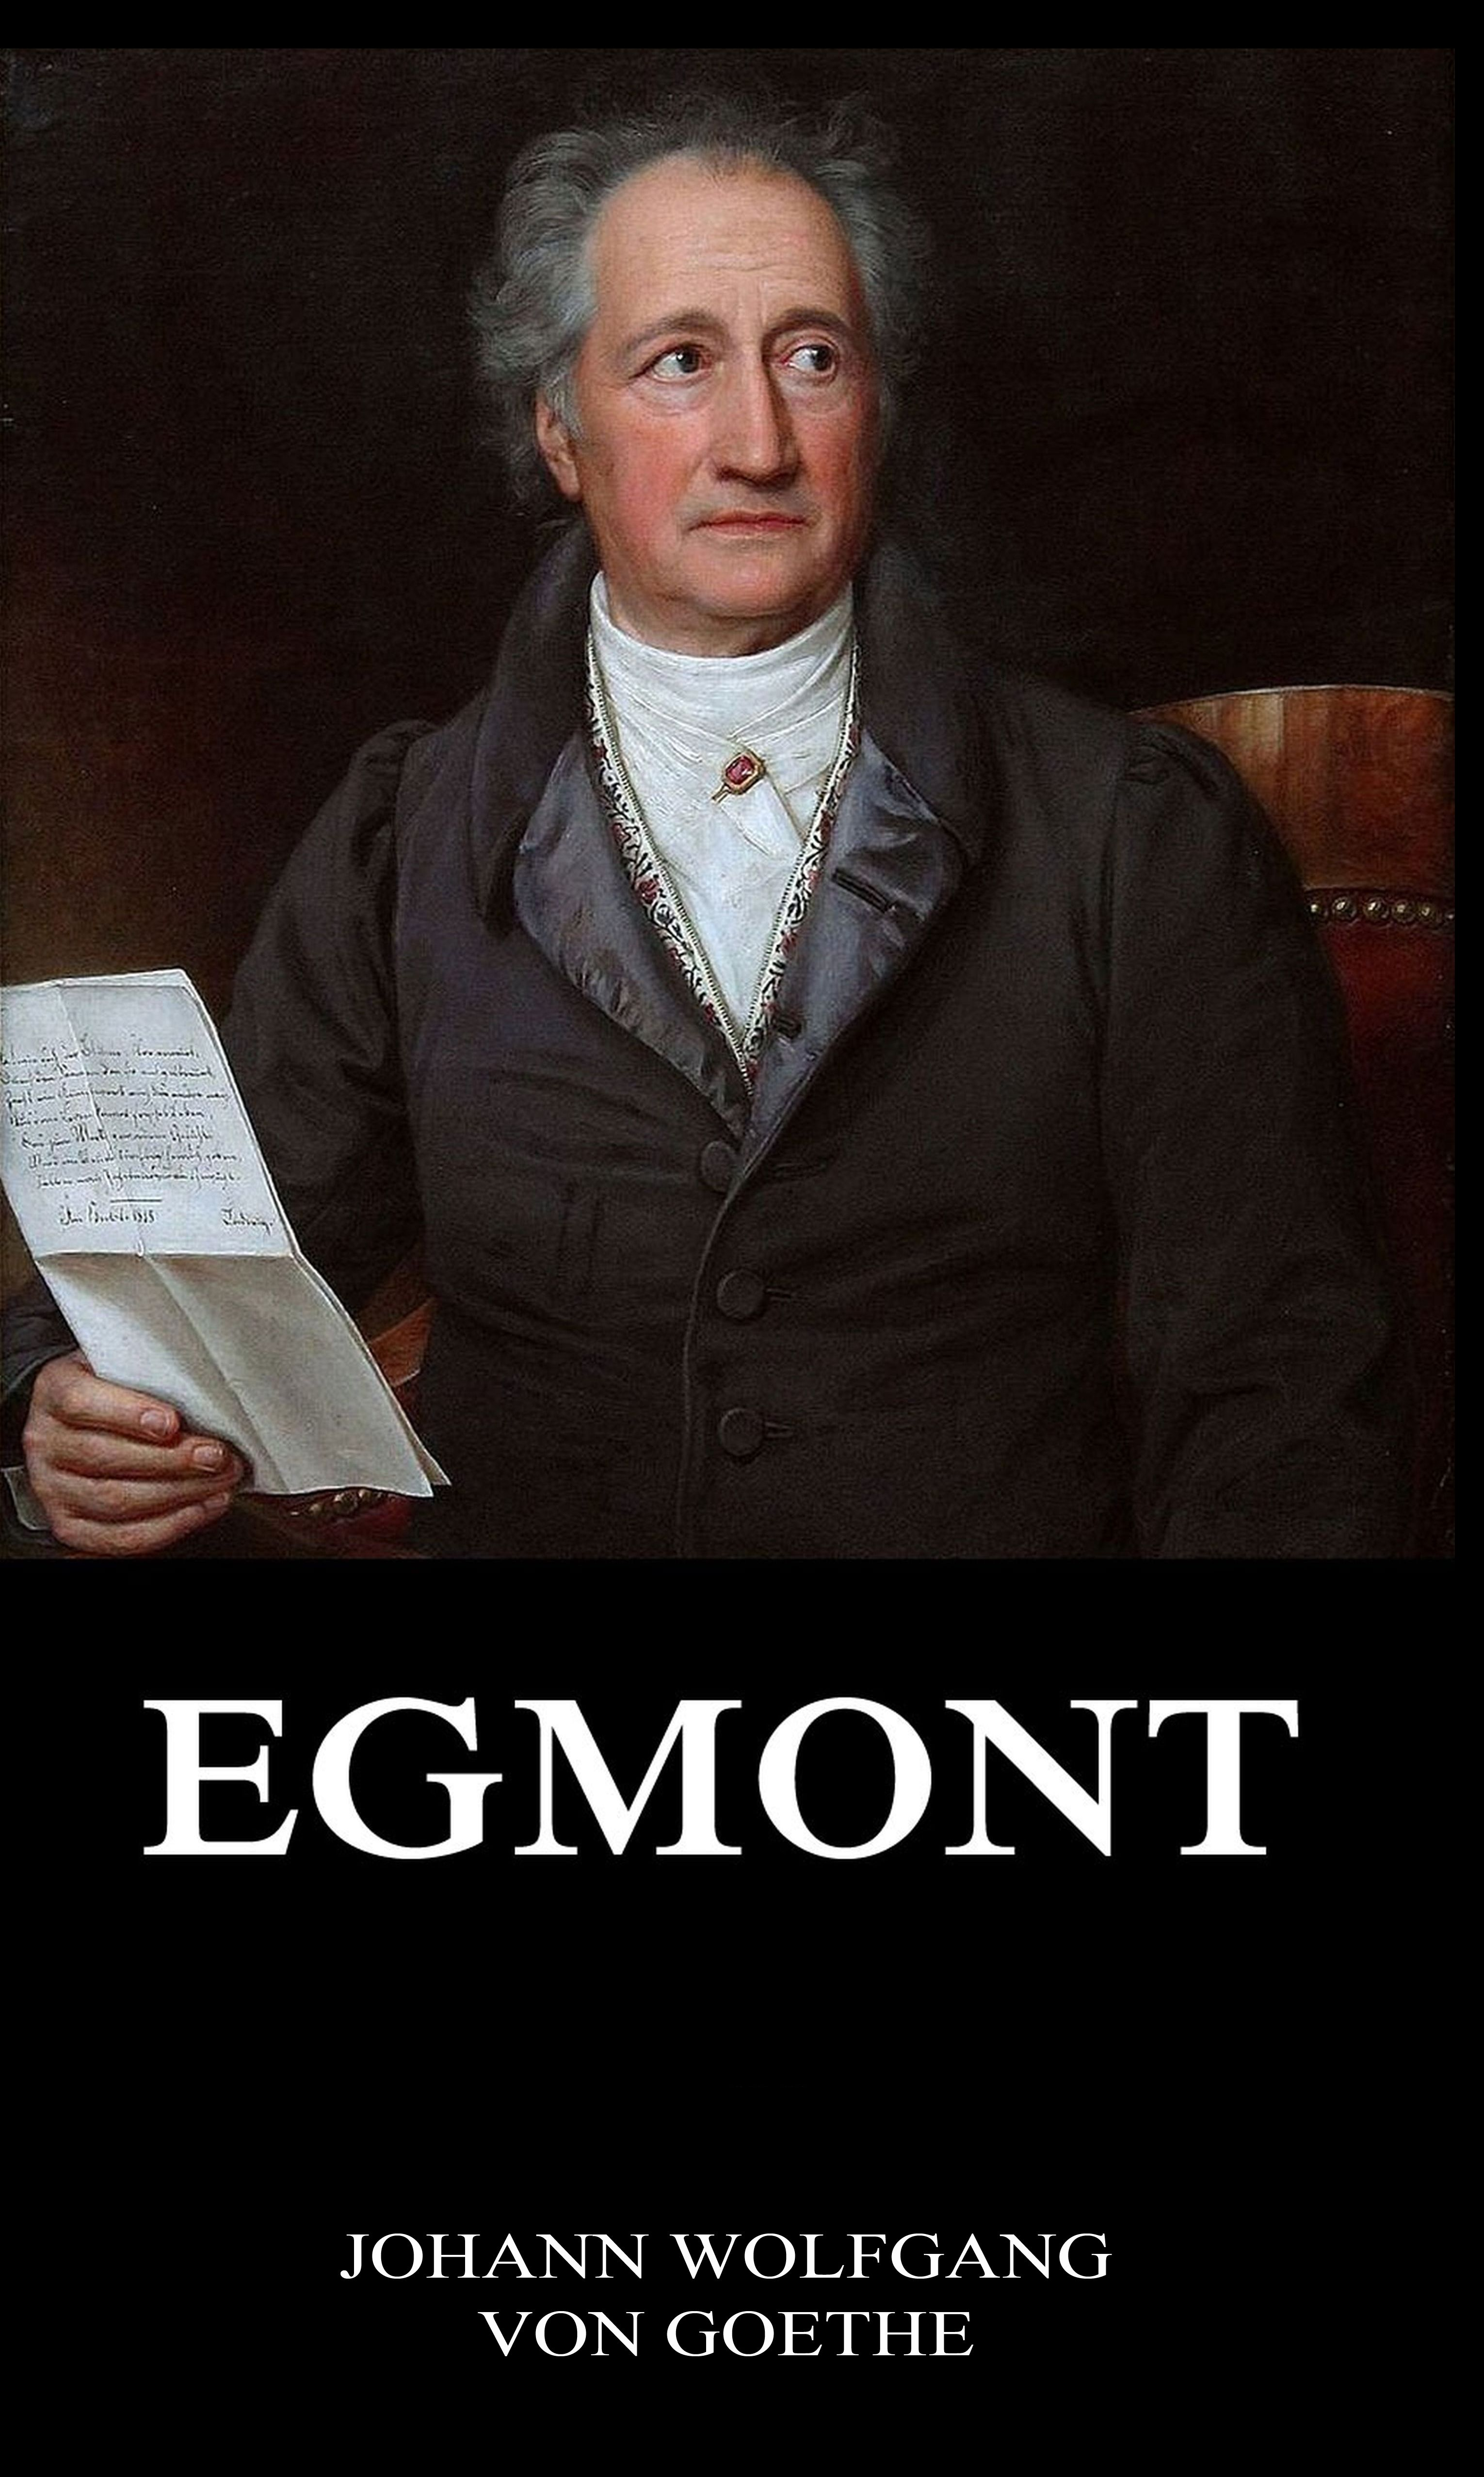 Johann Wolfgang von Goethe Egmont